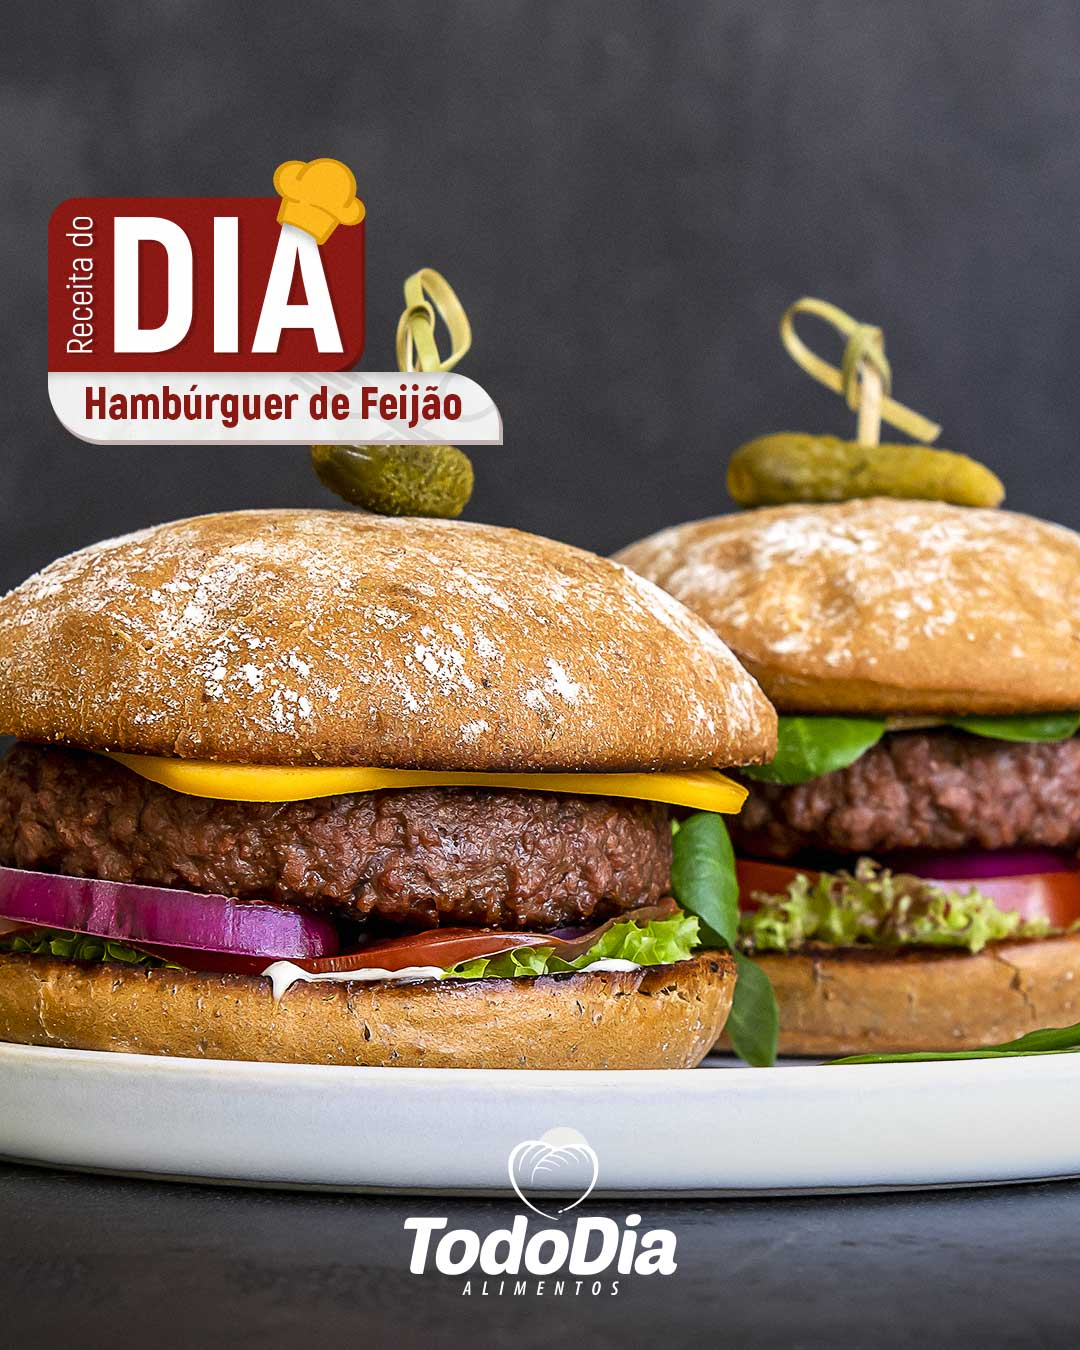 Hamburger de feijão